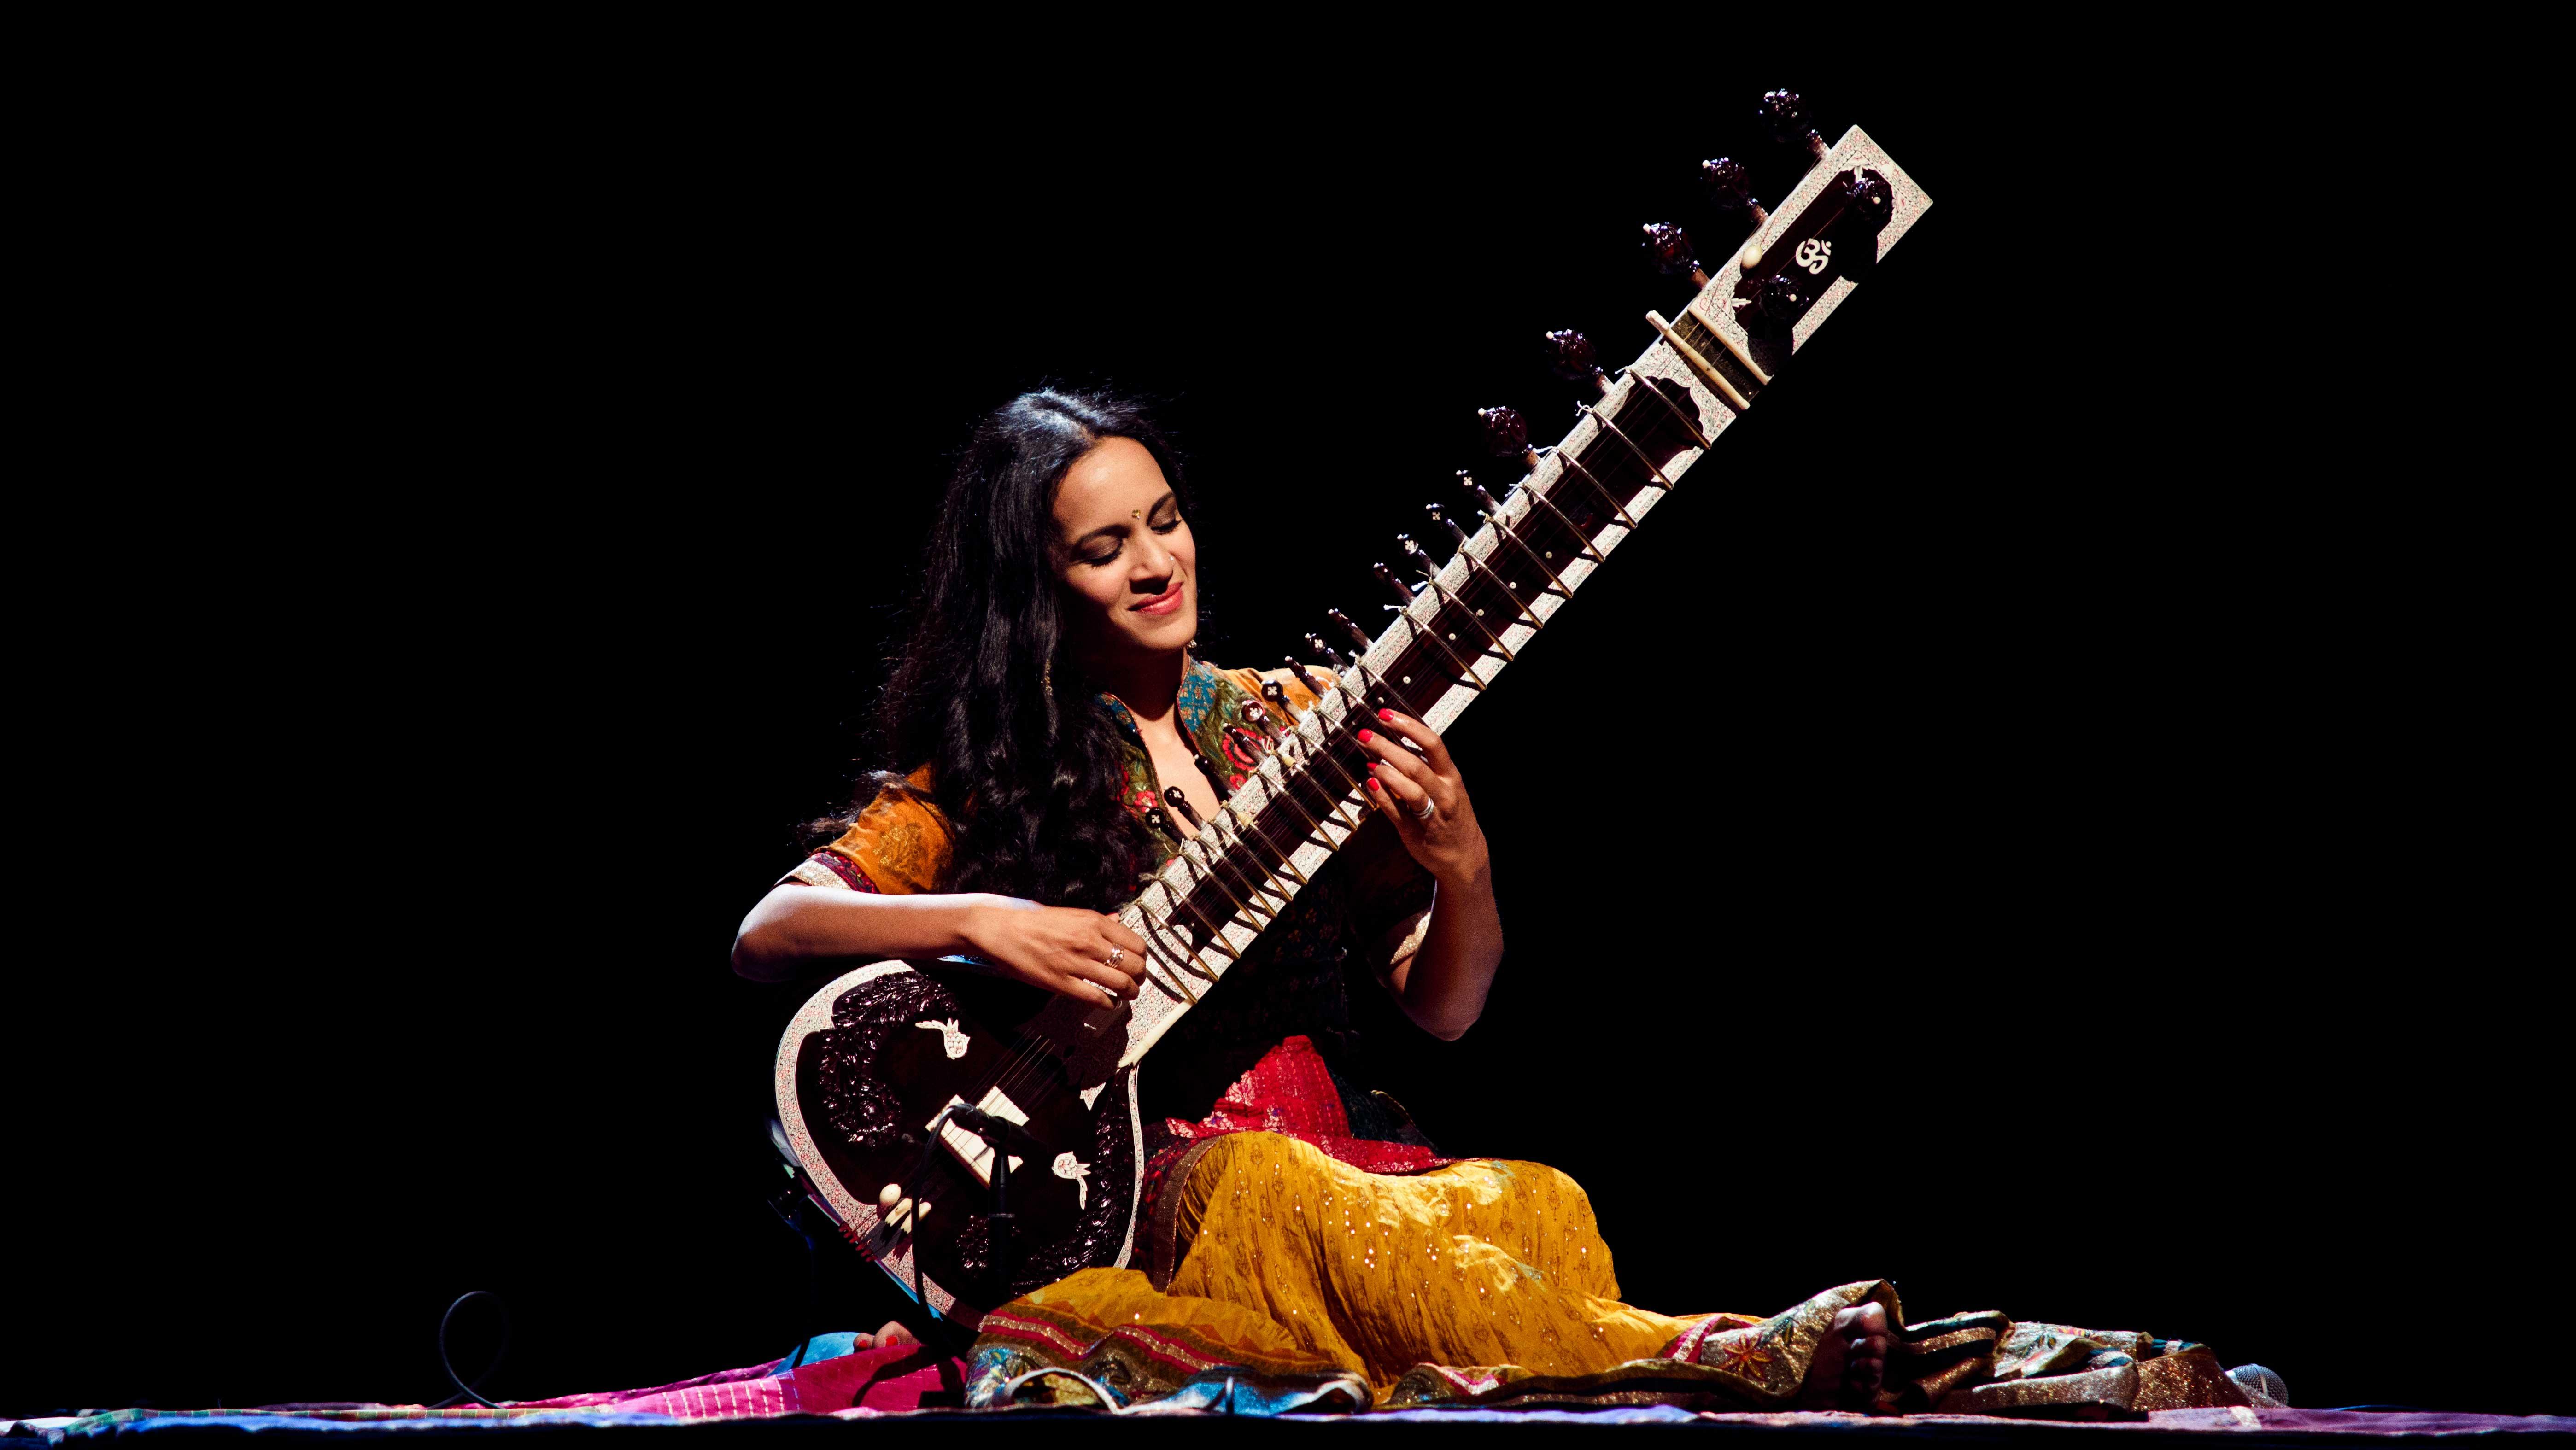 anoushka-shankar-copenhagen-jazz-festival-photo-kristoffer-juel-poulsen.jpg